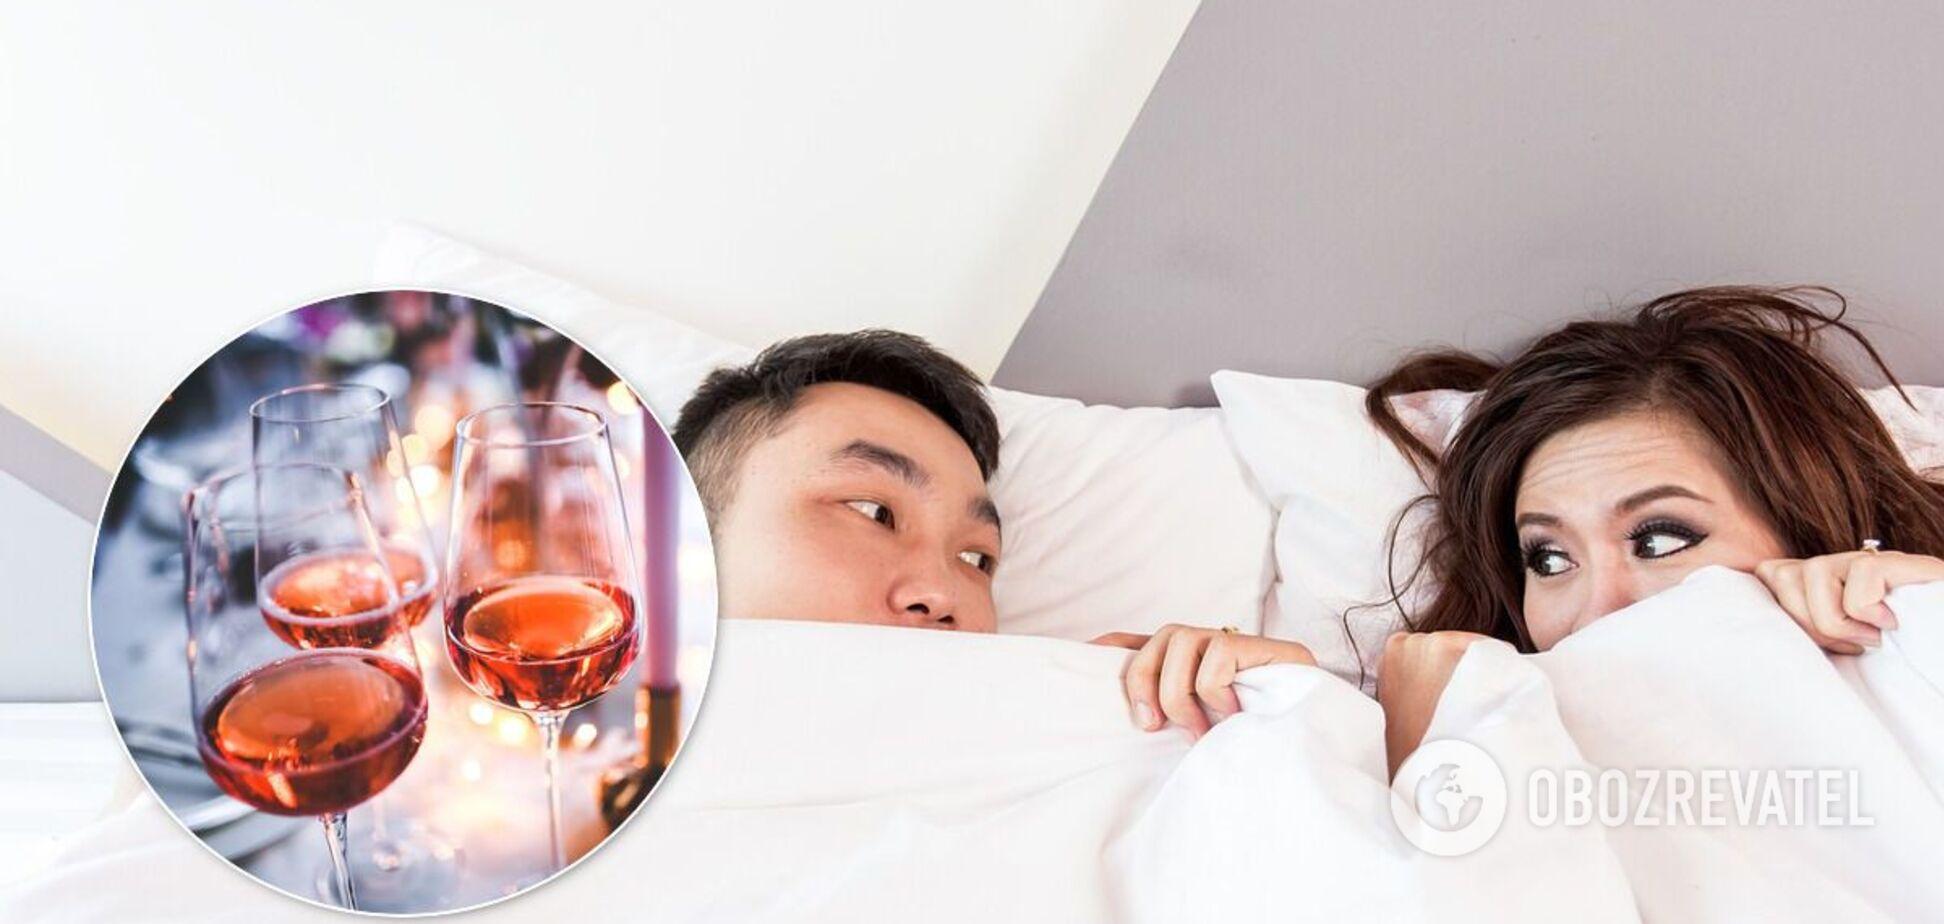 Чем полезен и вреден секс в пьяном состоянии